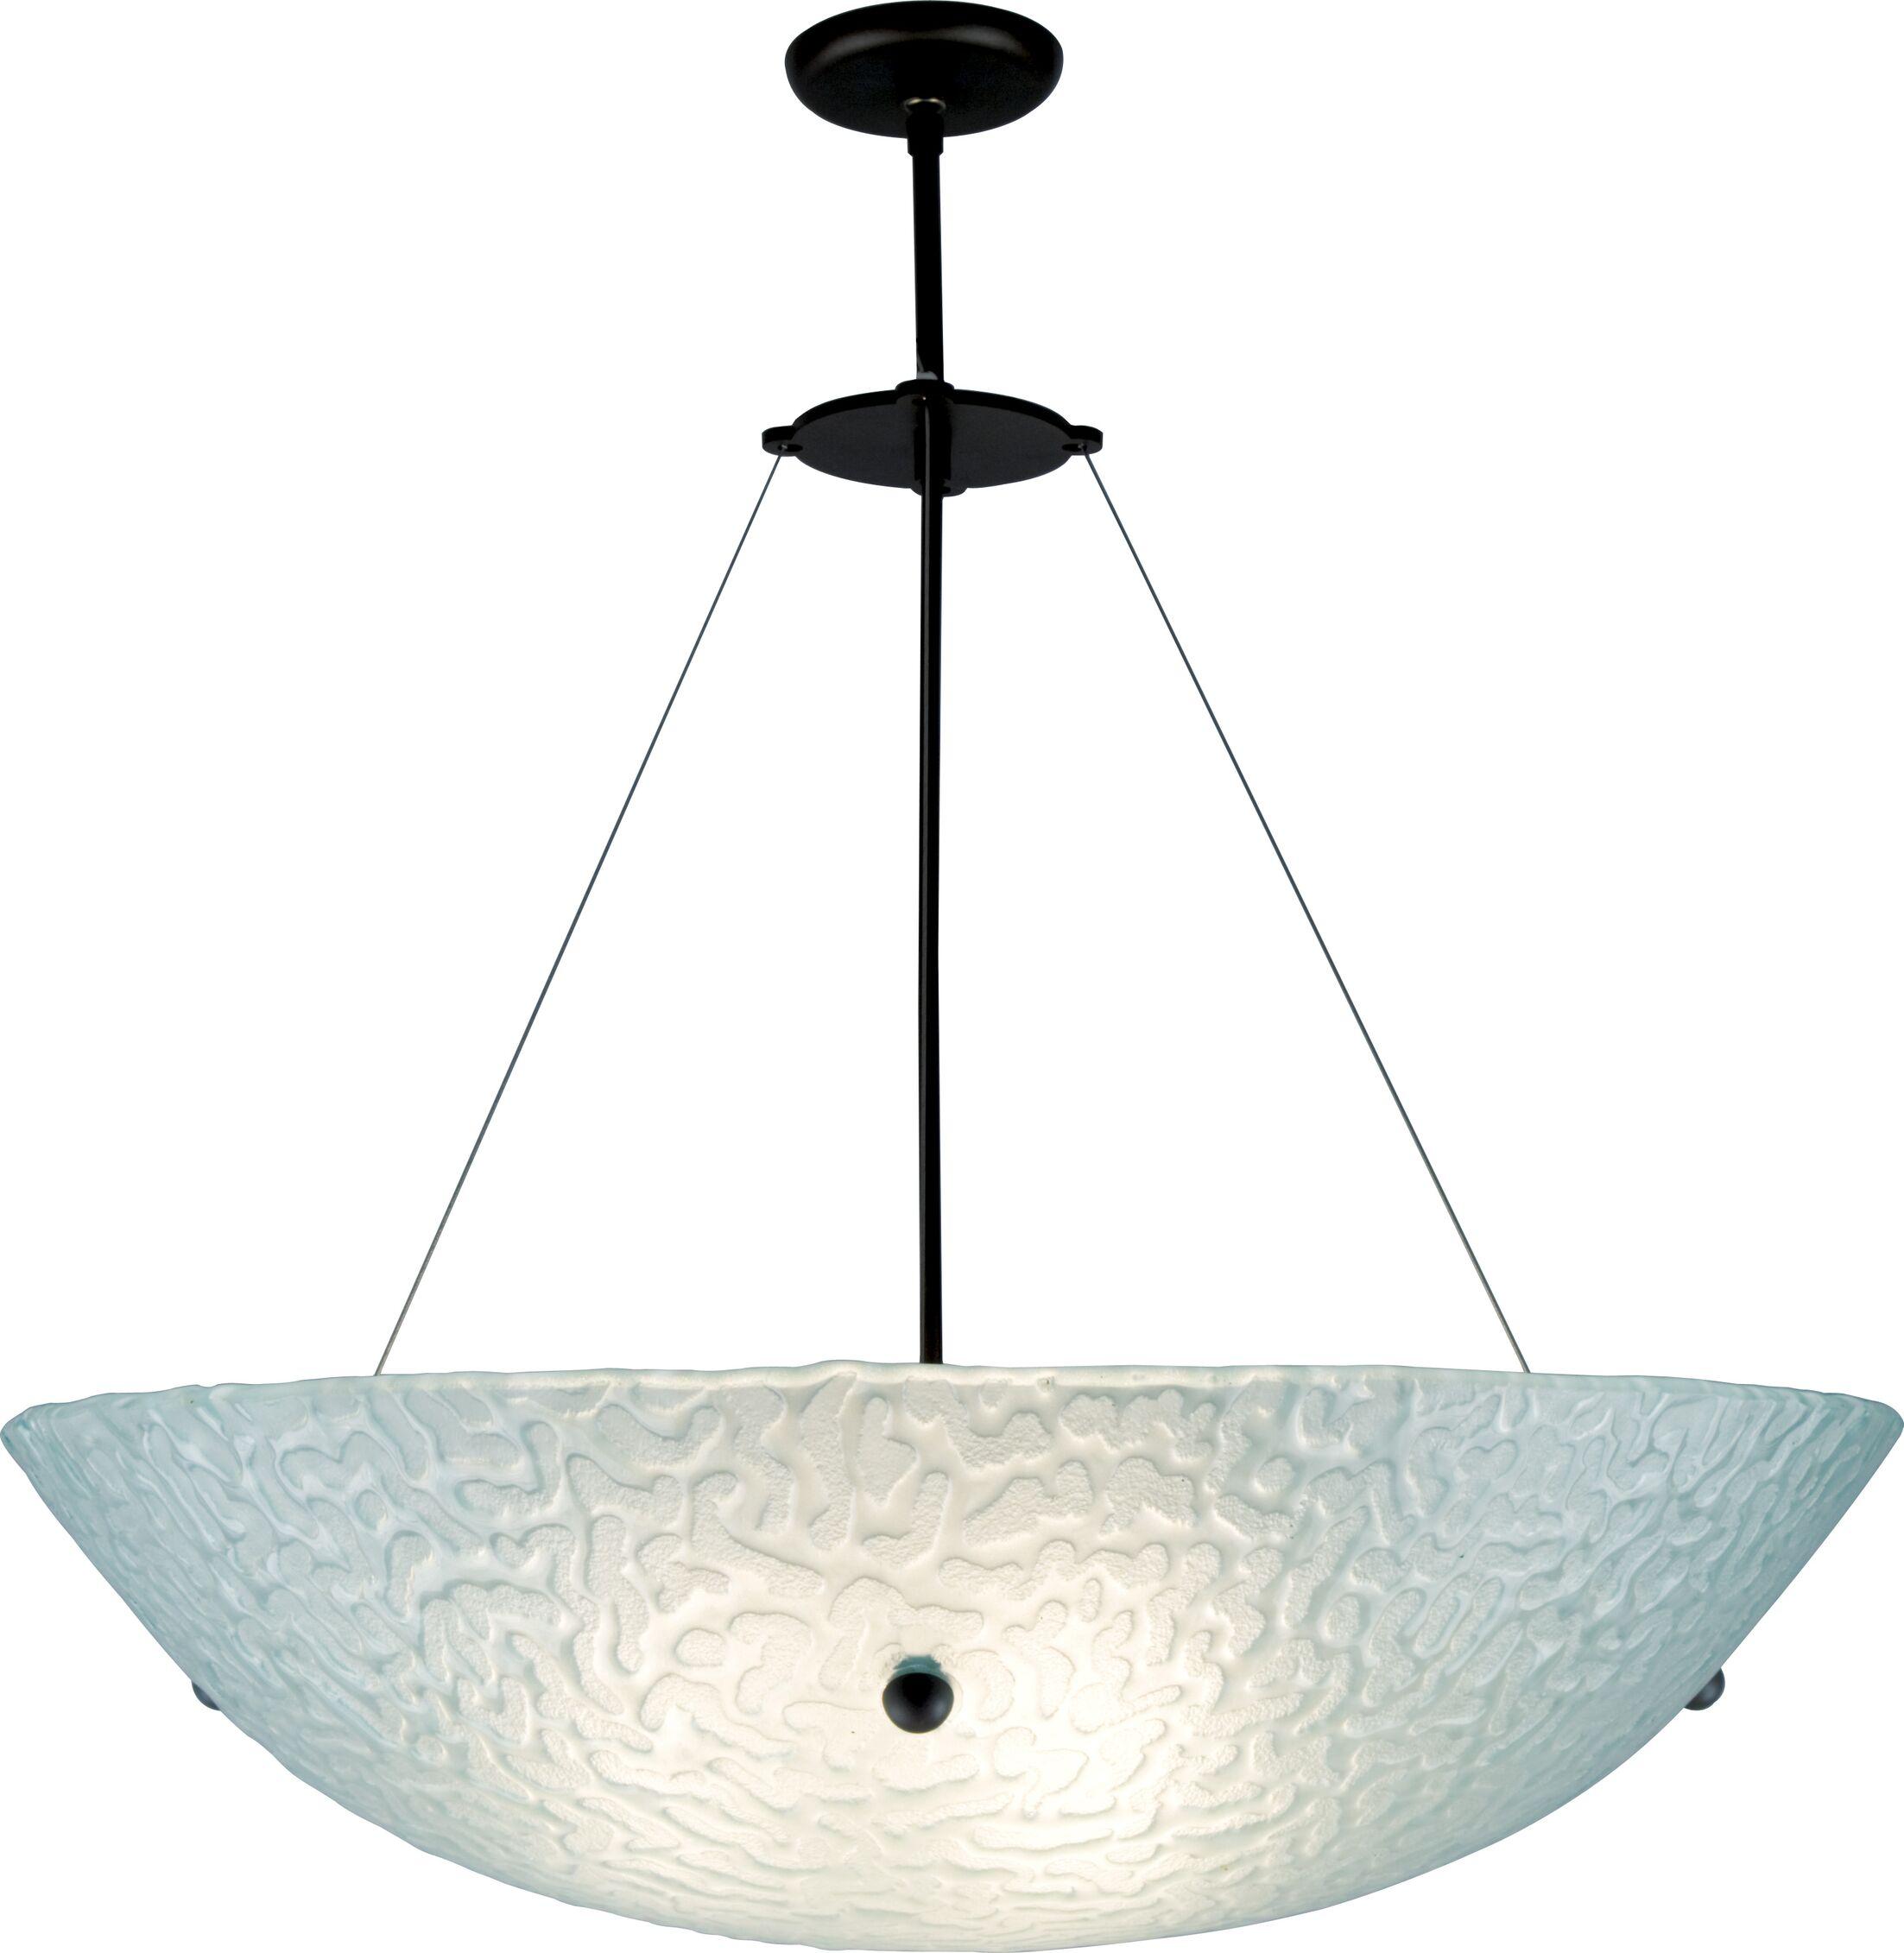 Bowl 4-Light Bowl Pendant